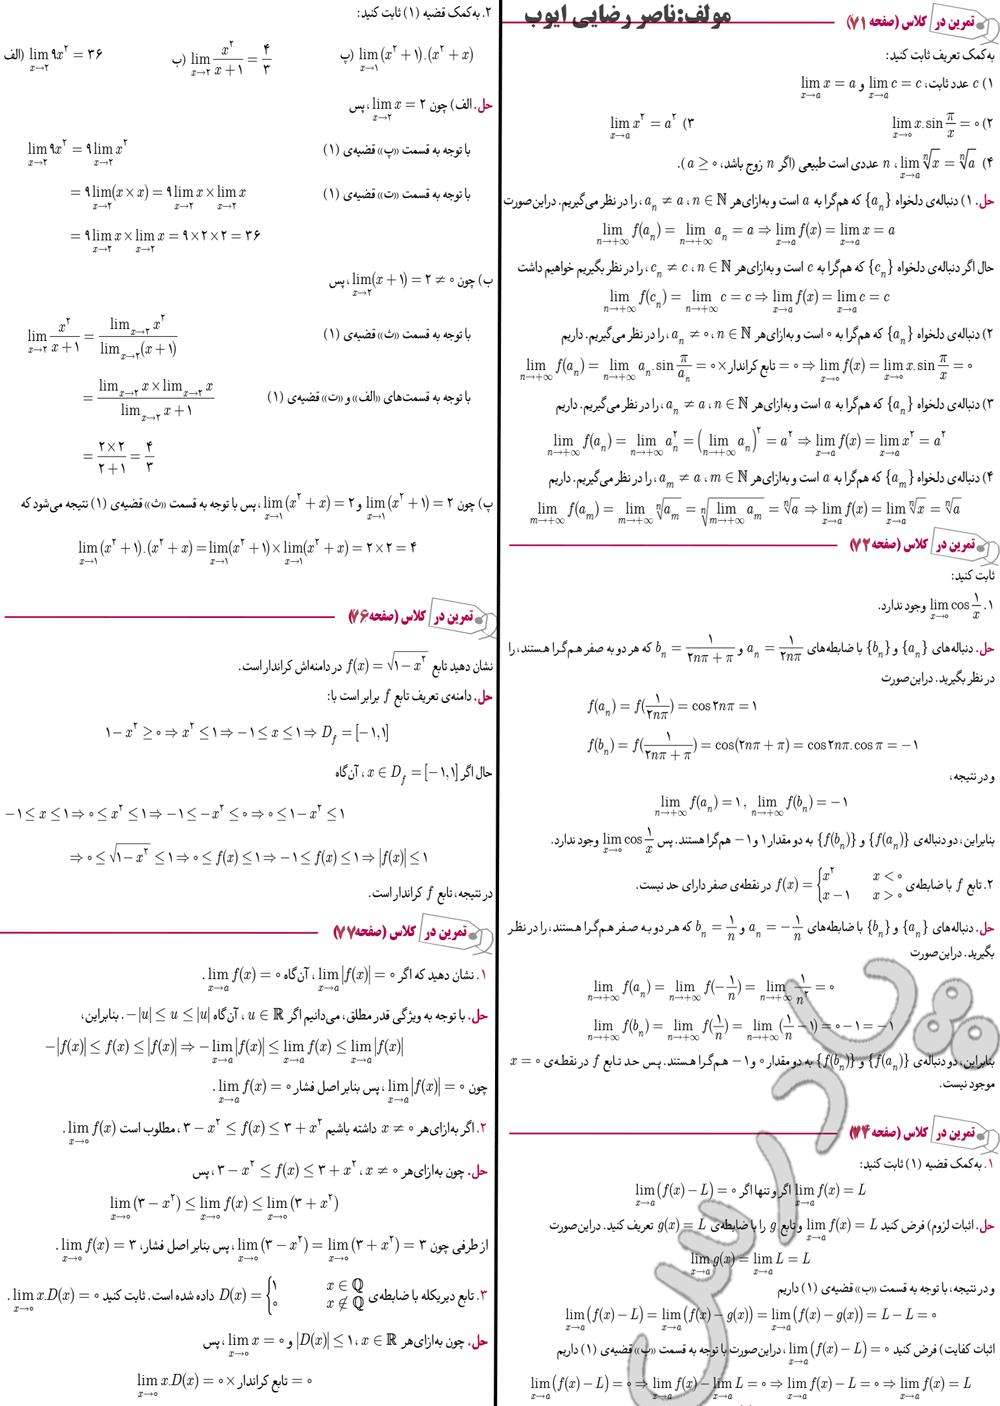 حل تمرین در کلاس های صفحه 71 تا 77 دیفرانسیل پیش دانشگاهی